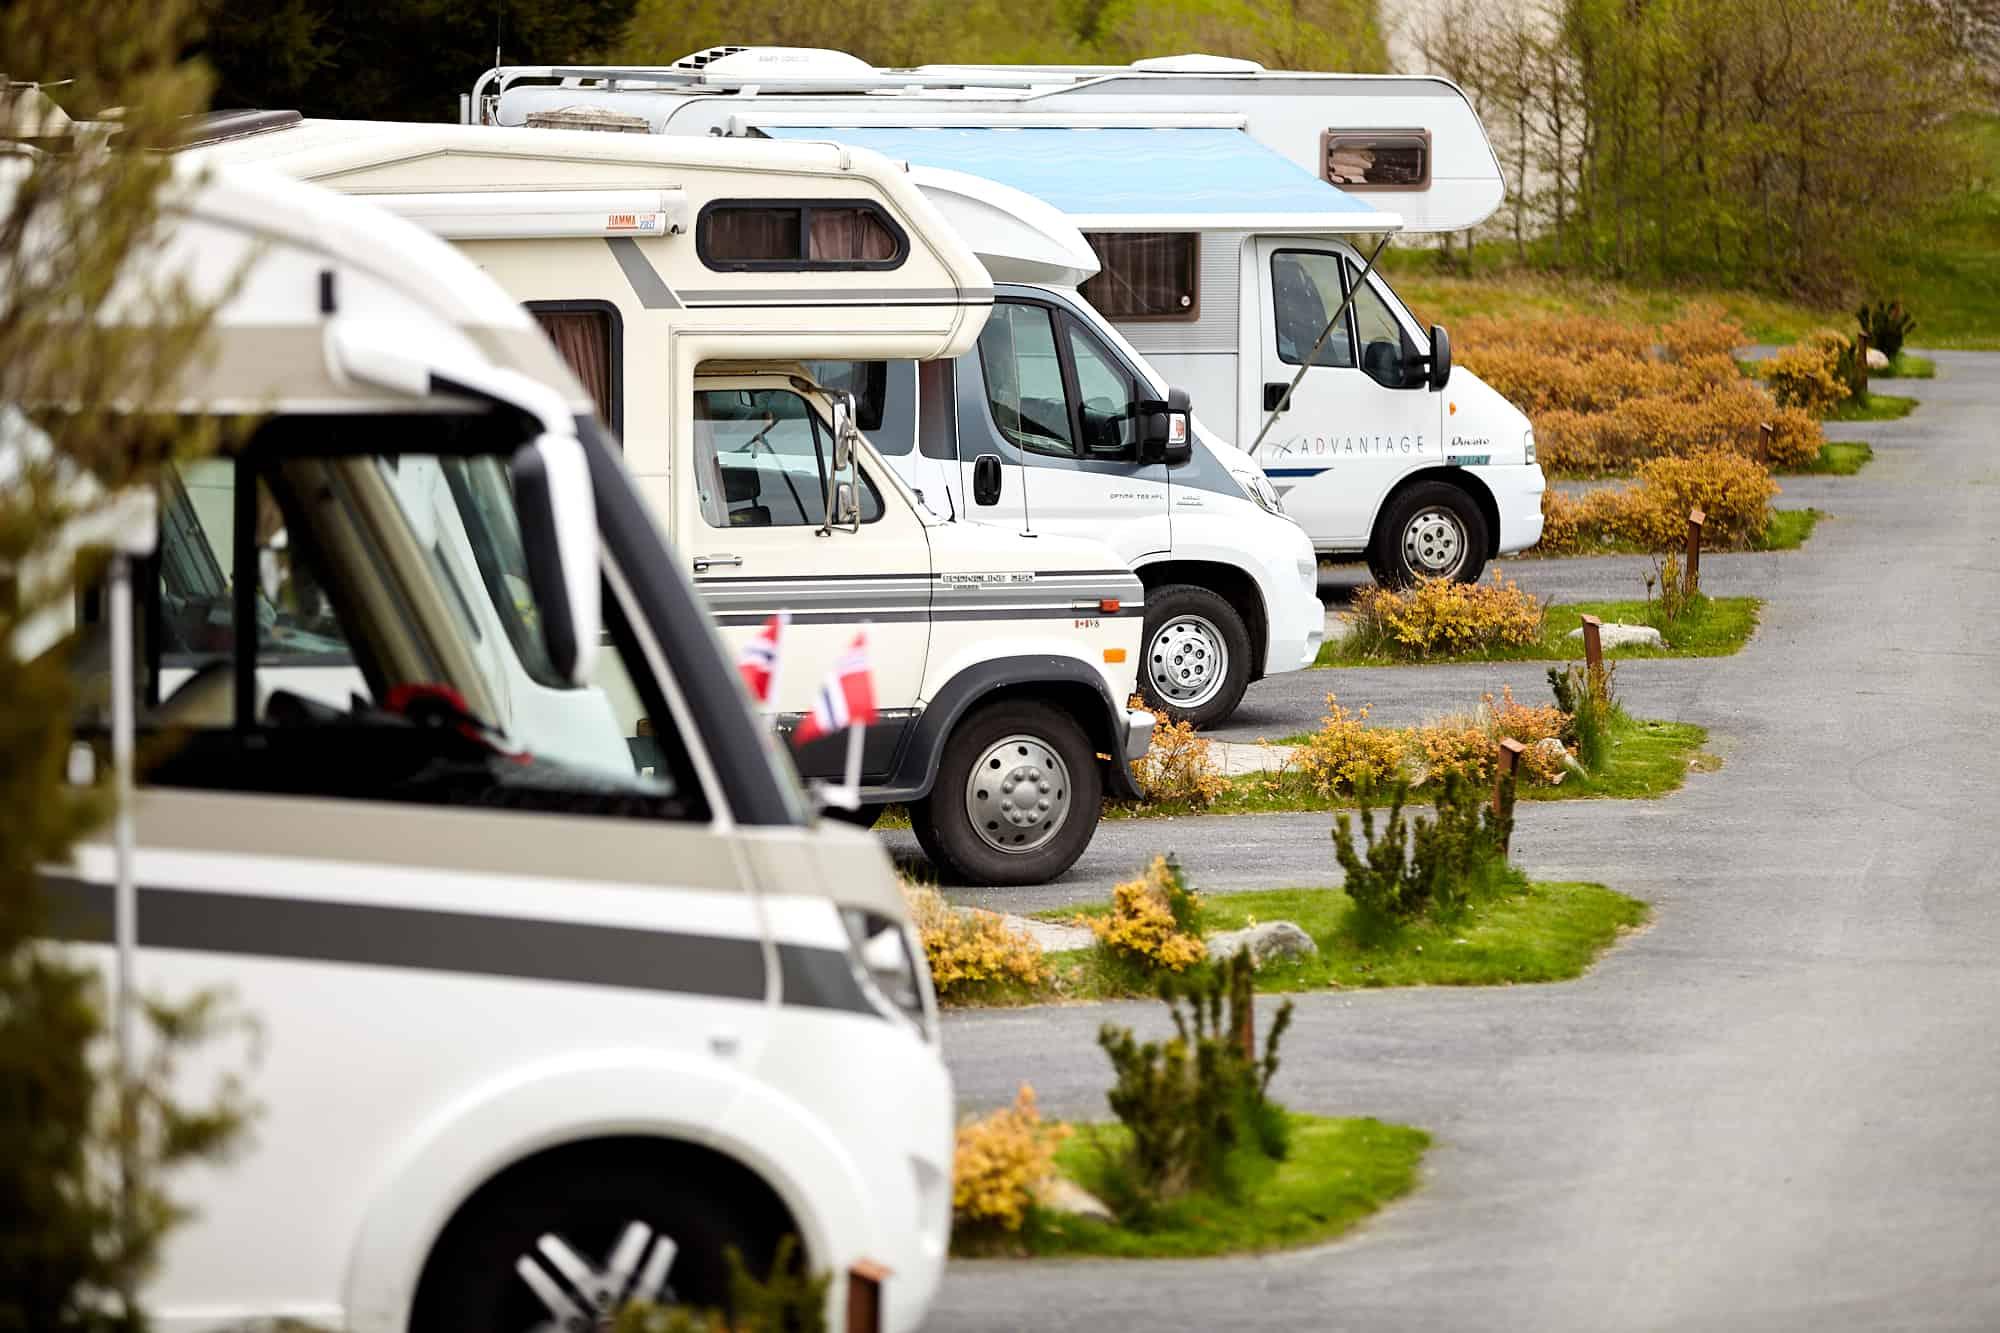 Fyra husbilar parkerade på Lagunens Bobilparken.